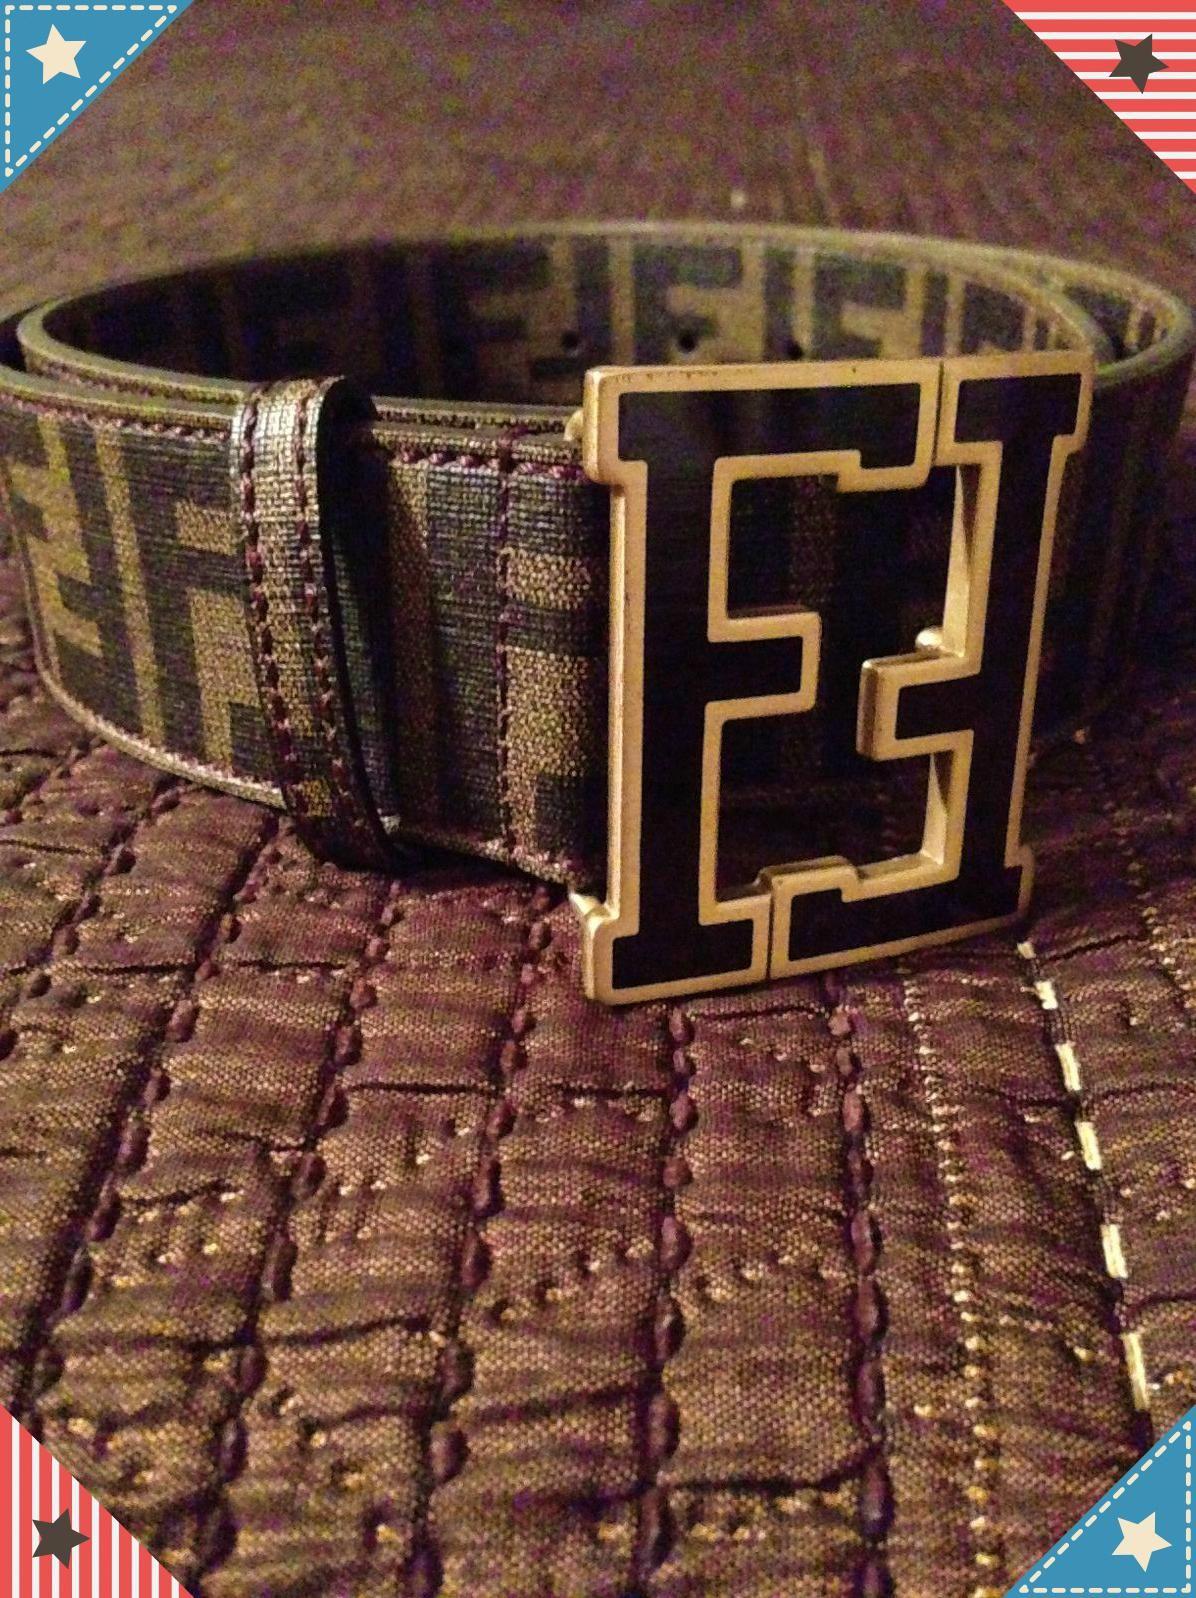 22ff5f0f74 louis vuitton belt mens Read about ... #belts | Belts in 2019 ...